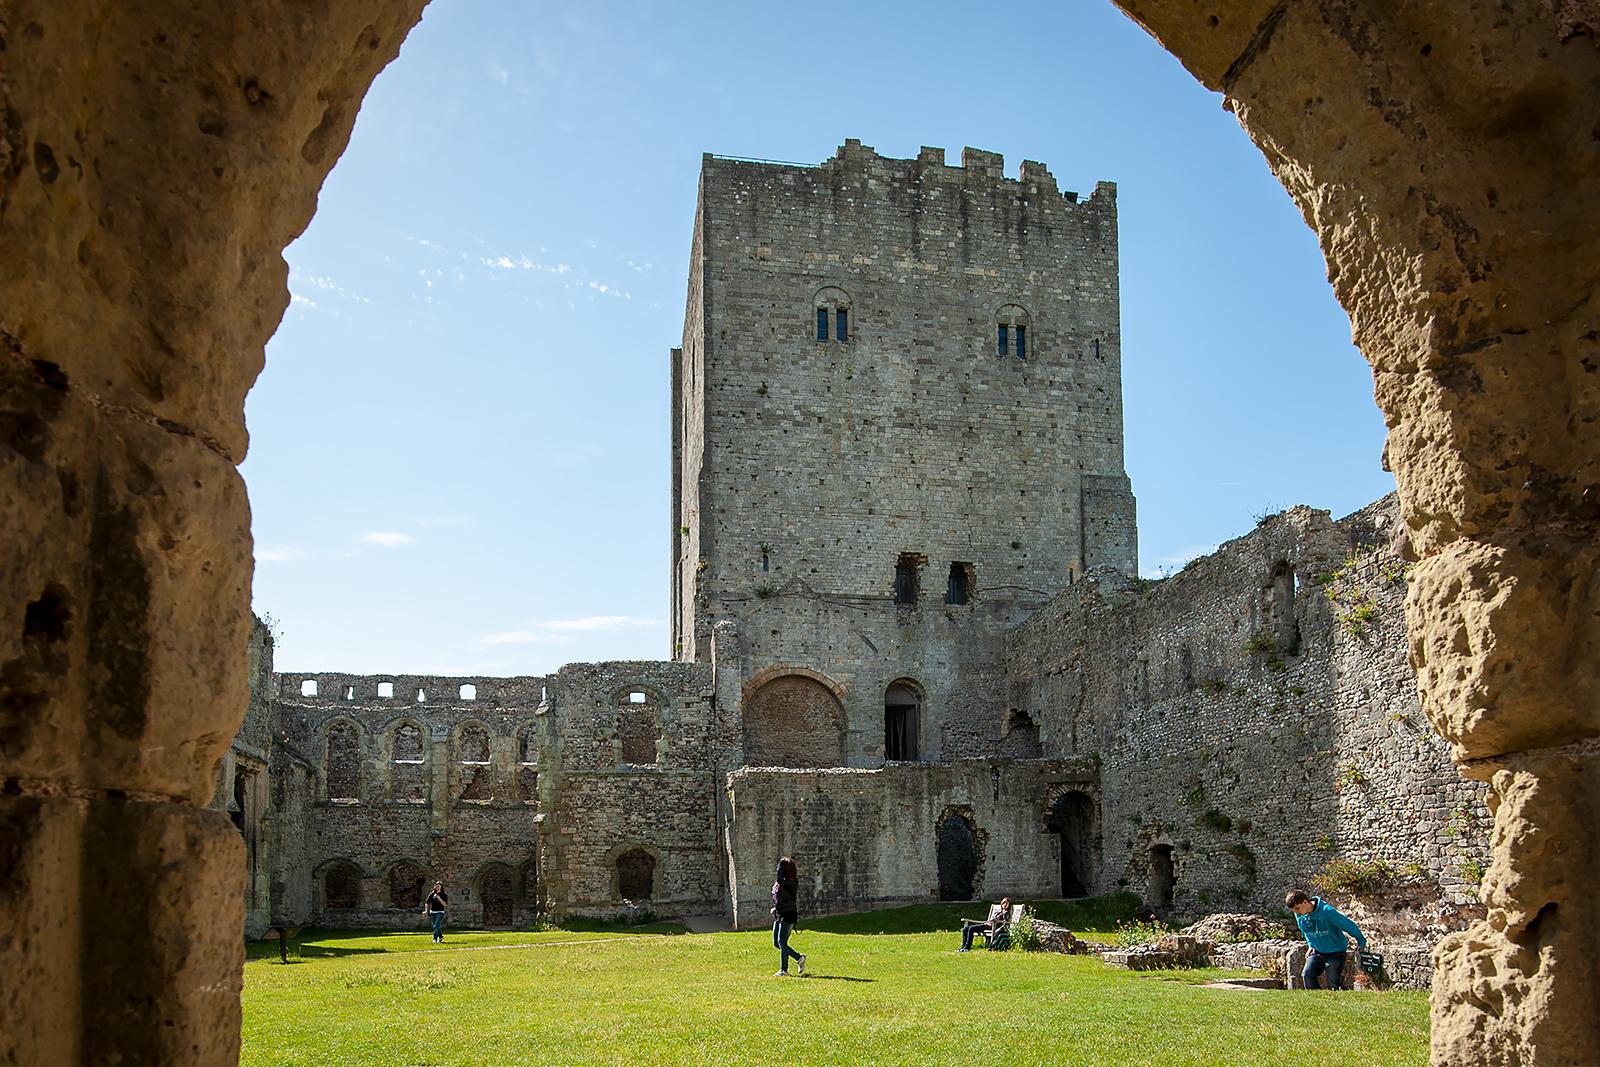 Anglie-Portchester-Portchester_Castle_2.jpg